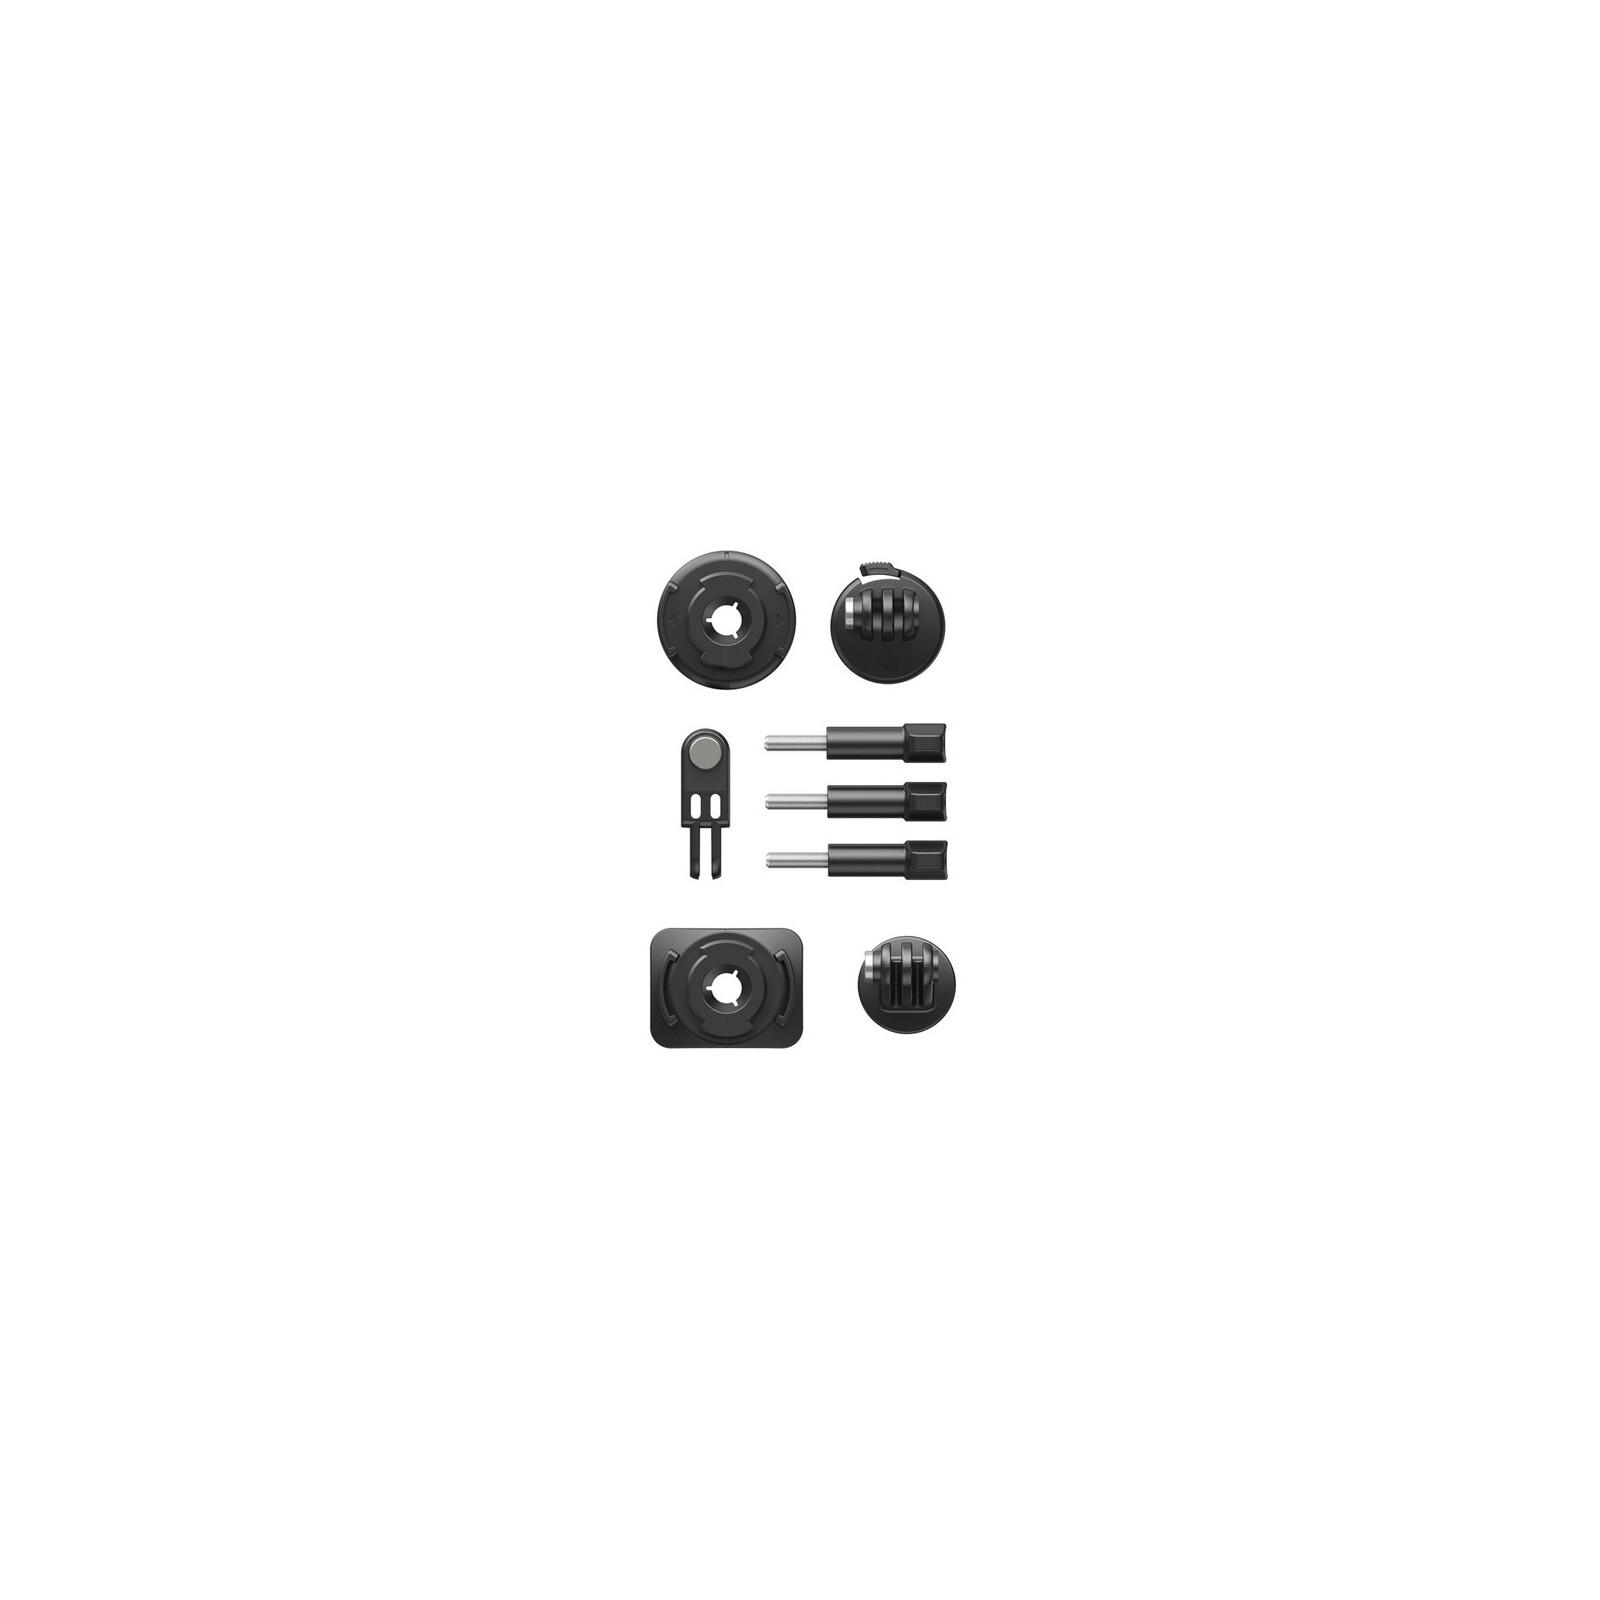 DJI Osmo Action Mounting Kit (Part11)